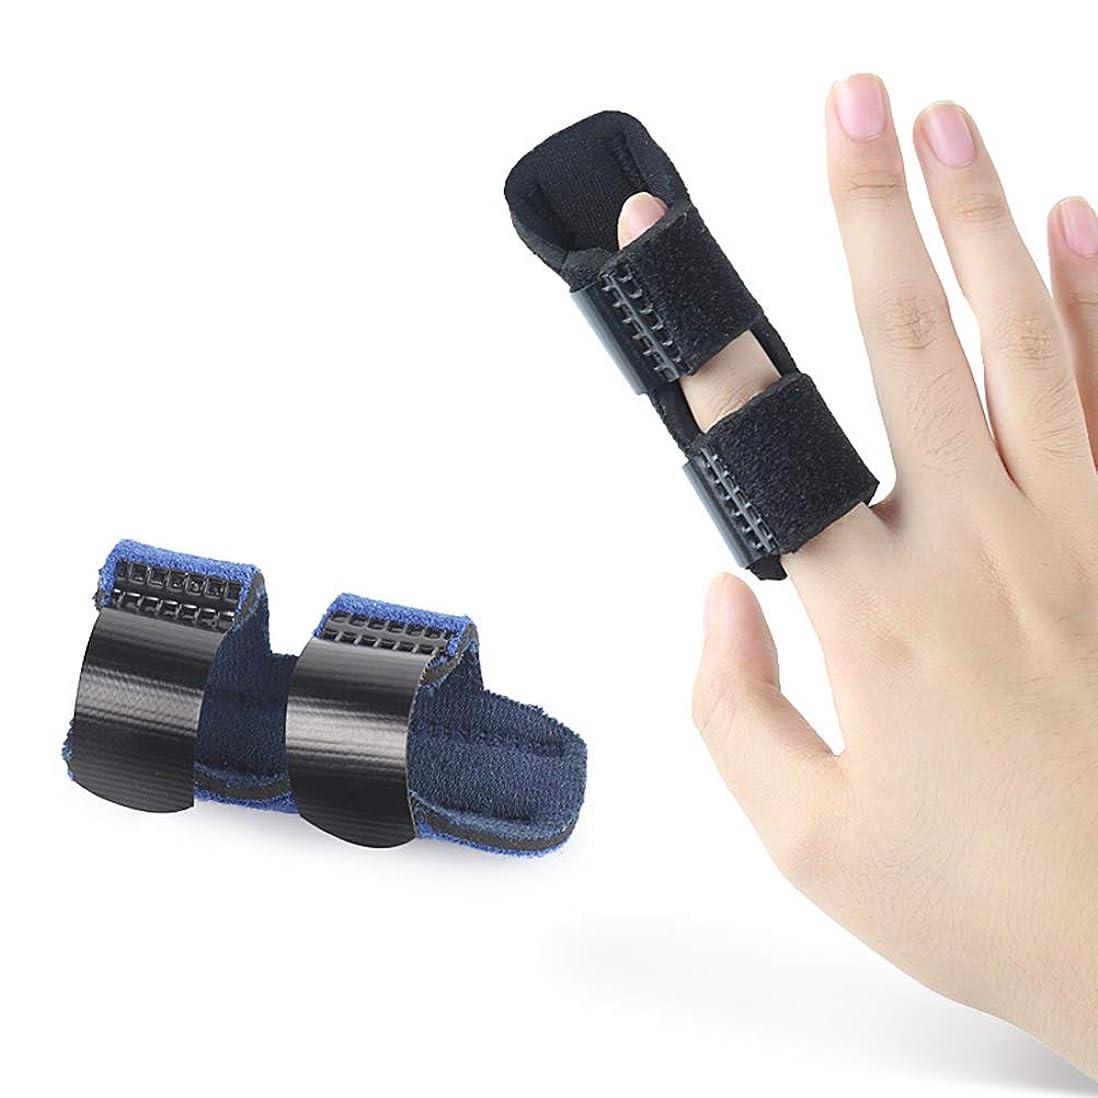 メロドラマティックロバ溢れんばかりのSUPVOX 首サポートブレース 腱鞘炎 バネ指 関節靭帯保護 損傷回復に 手首の親指の痛みを和らげる 1対指スプリントサポート(黒)